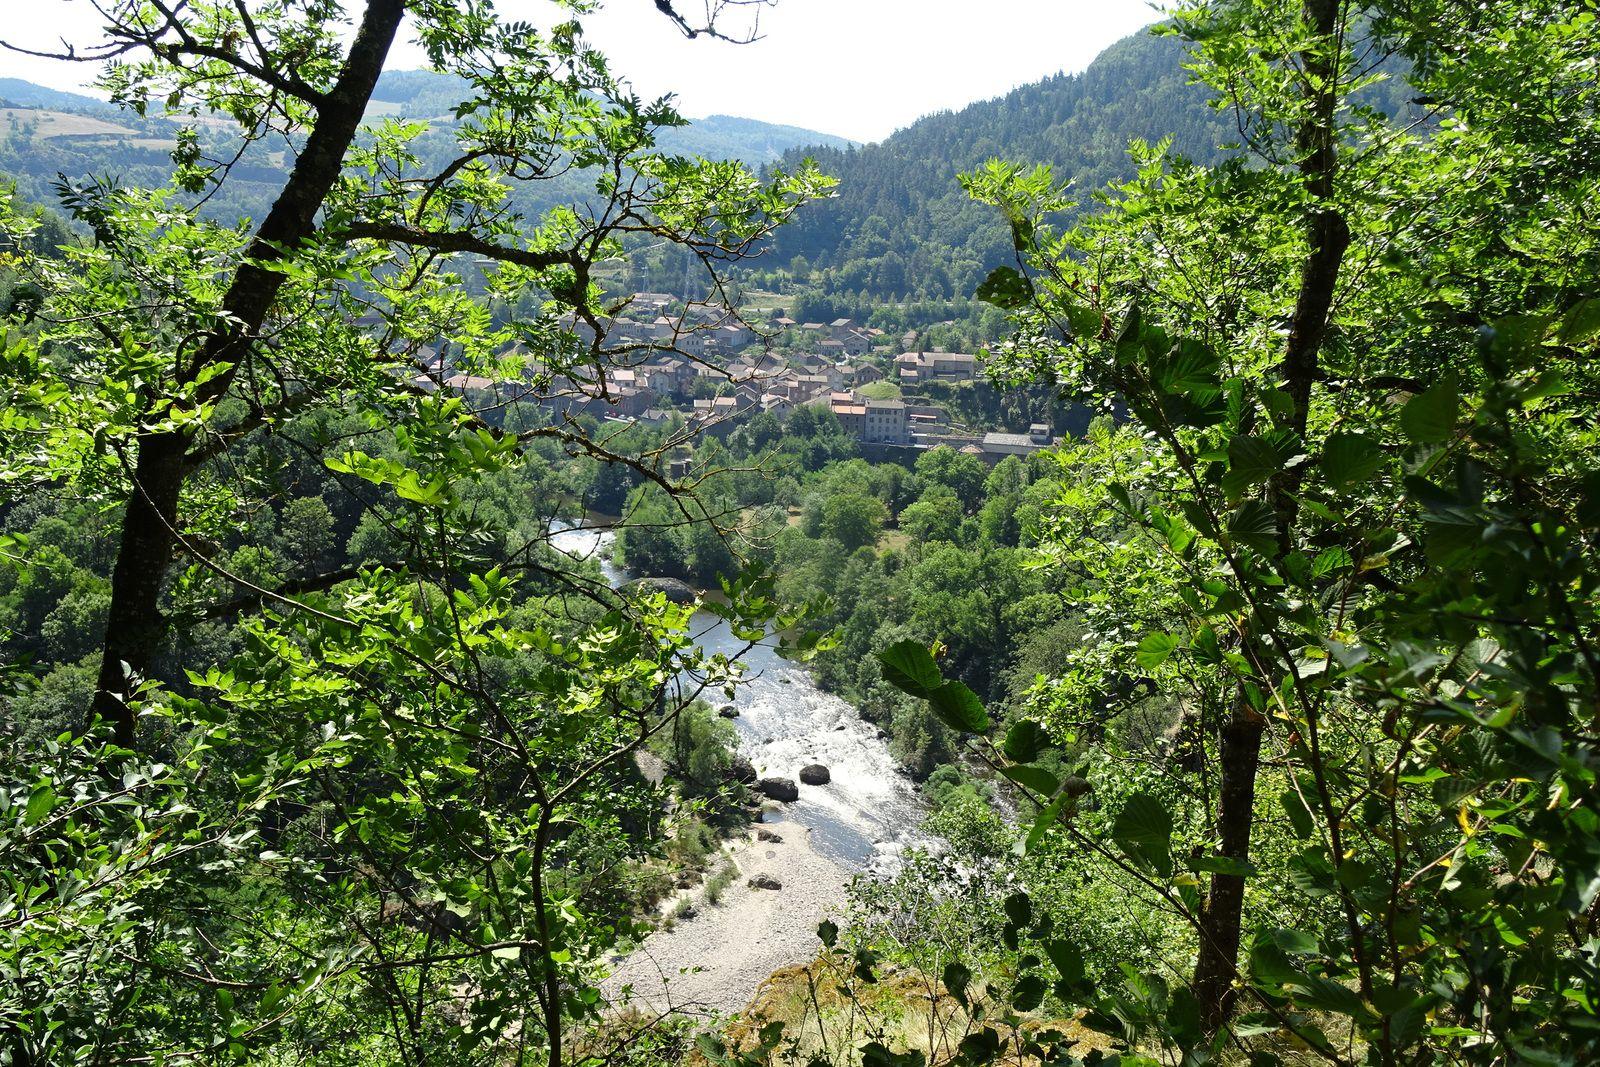 Ici les gorges de l'Allier, avant le village Monistrol d'Allier. Le monotrace qui descend au village est très chouette.